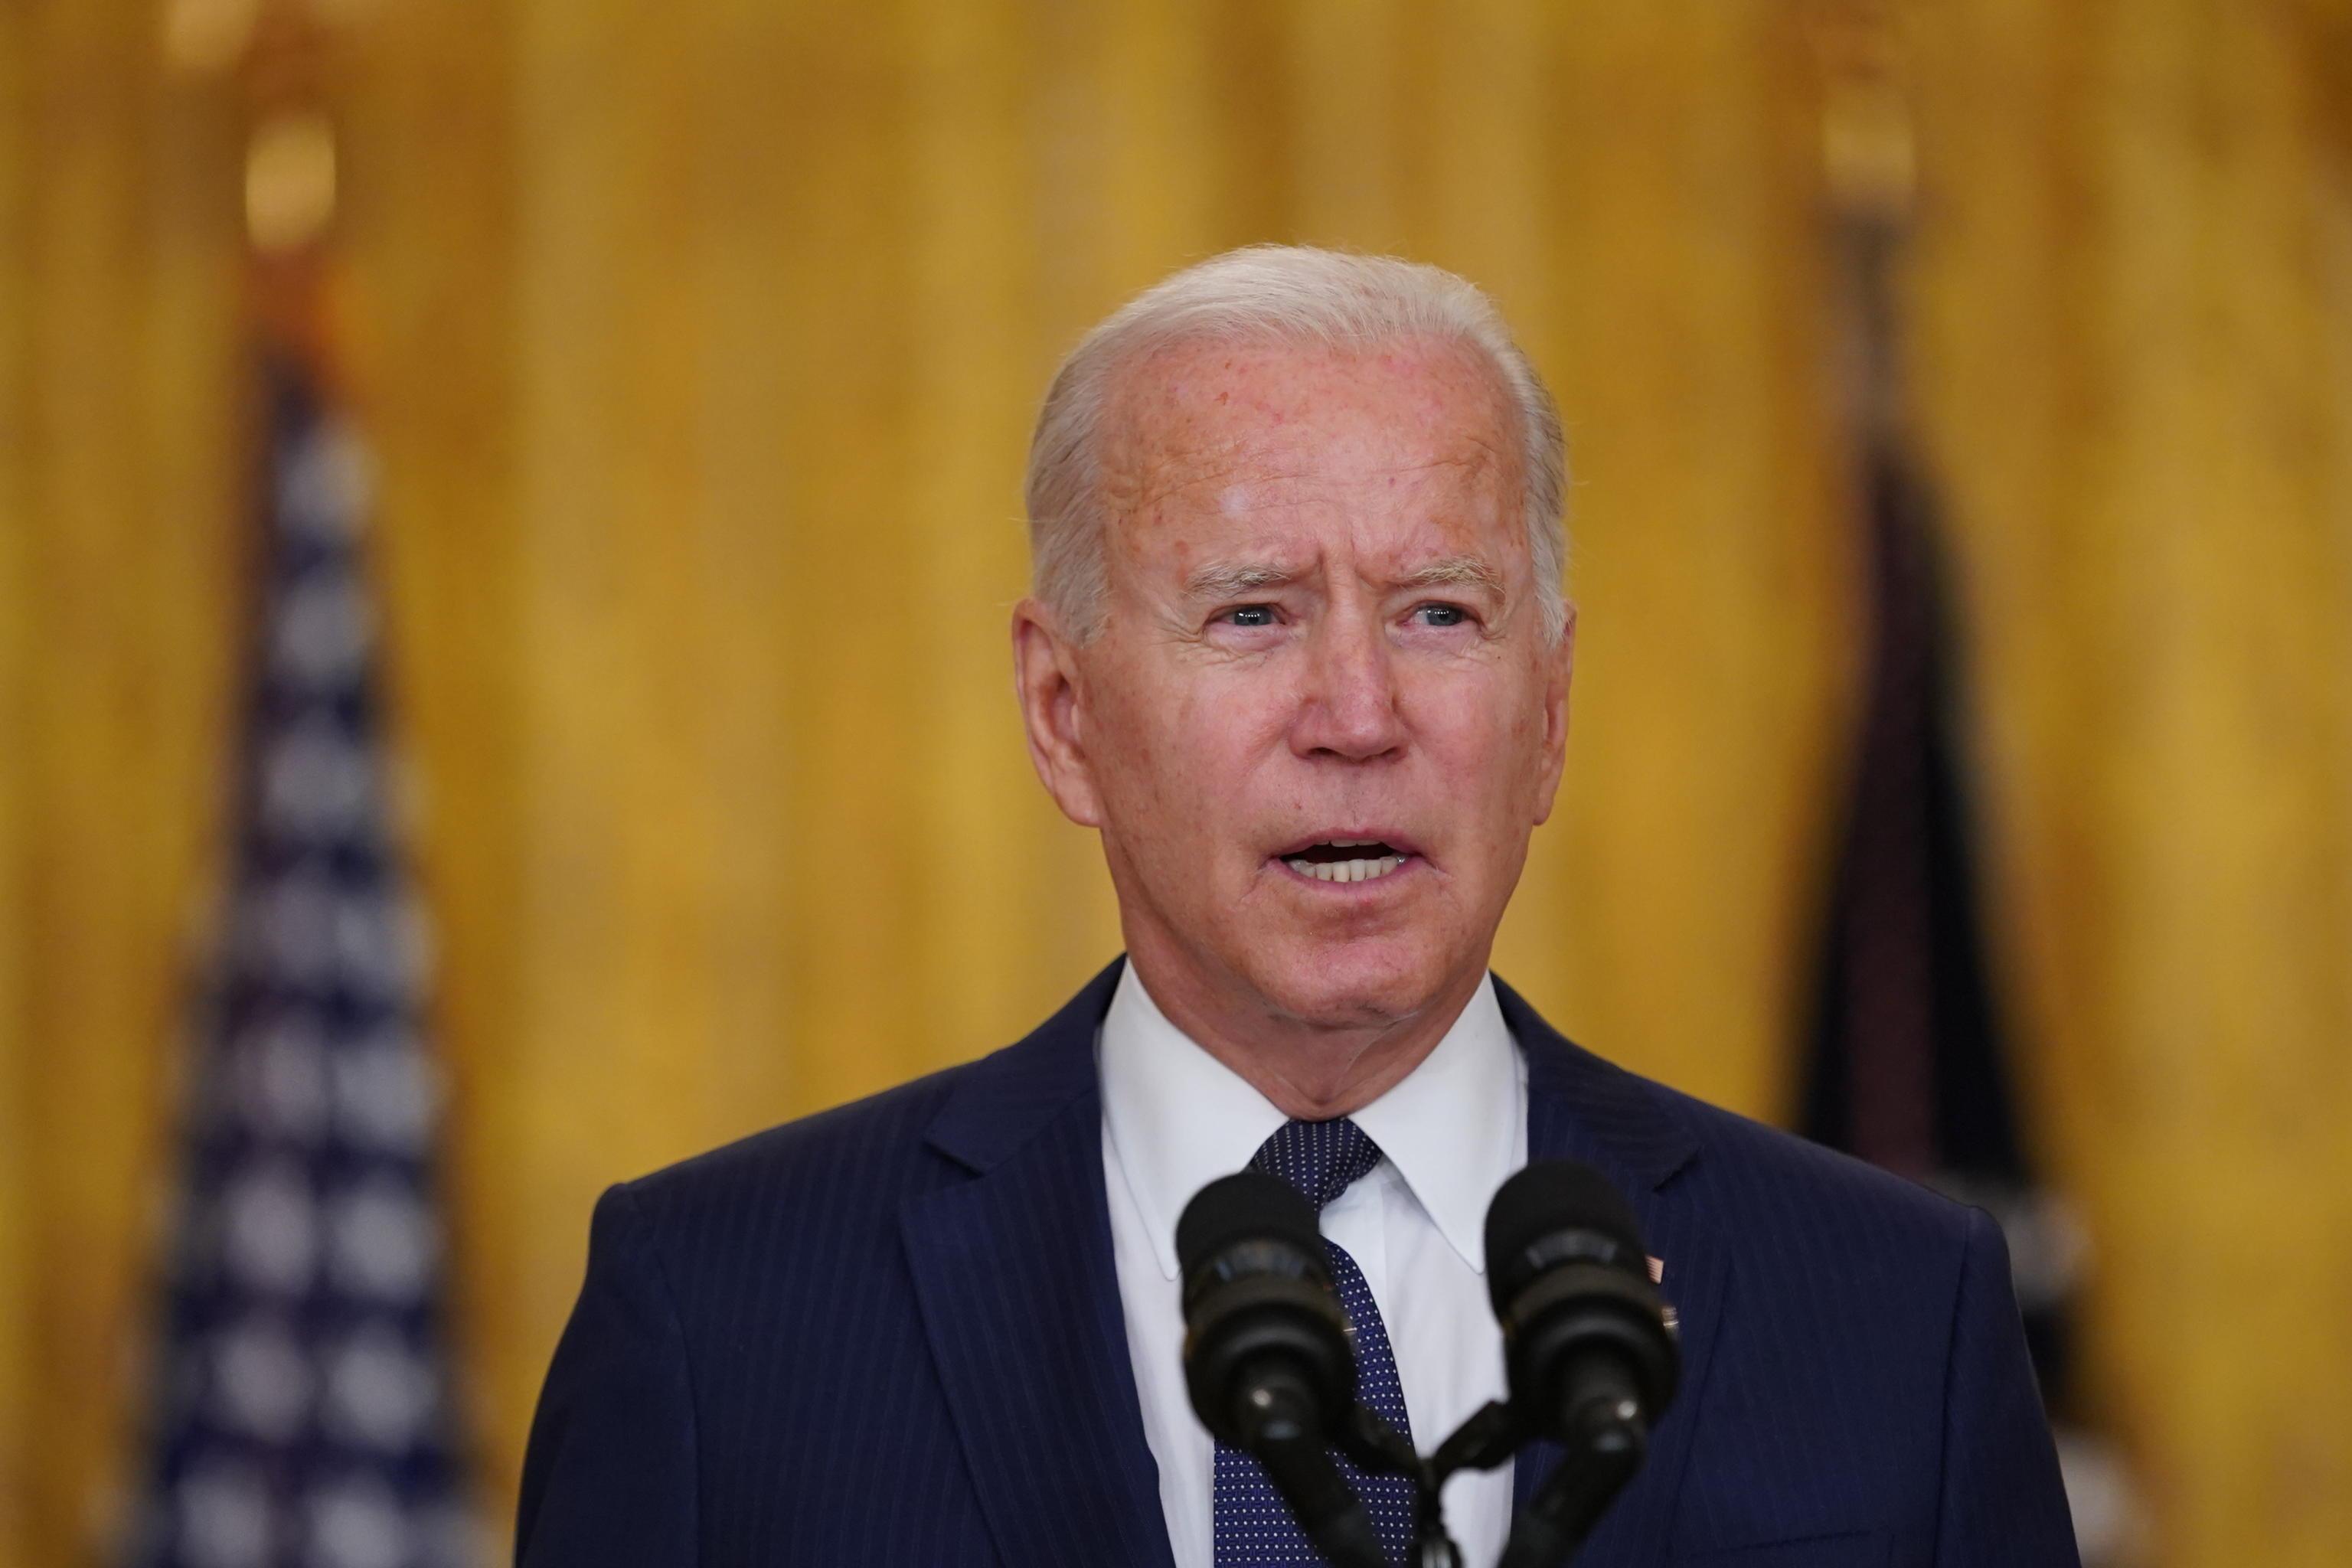 Usa, Biden presenta il piano per spesa sociale e clima: «Tra i più grandi investimenti della storia, creerà ...